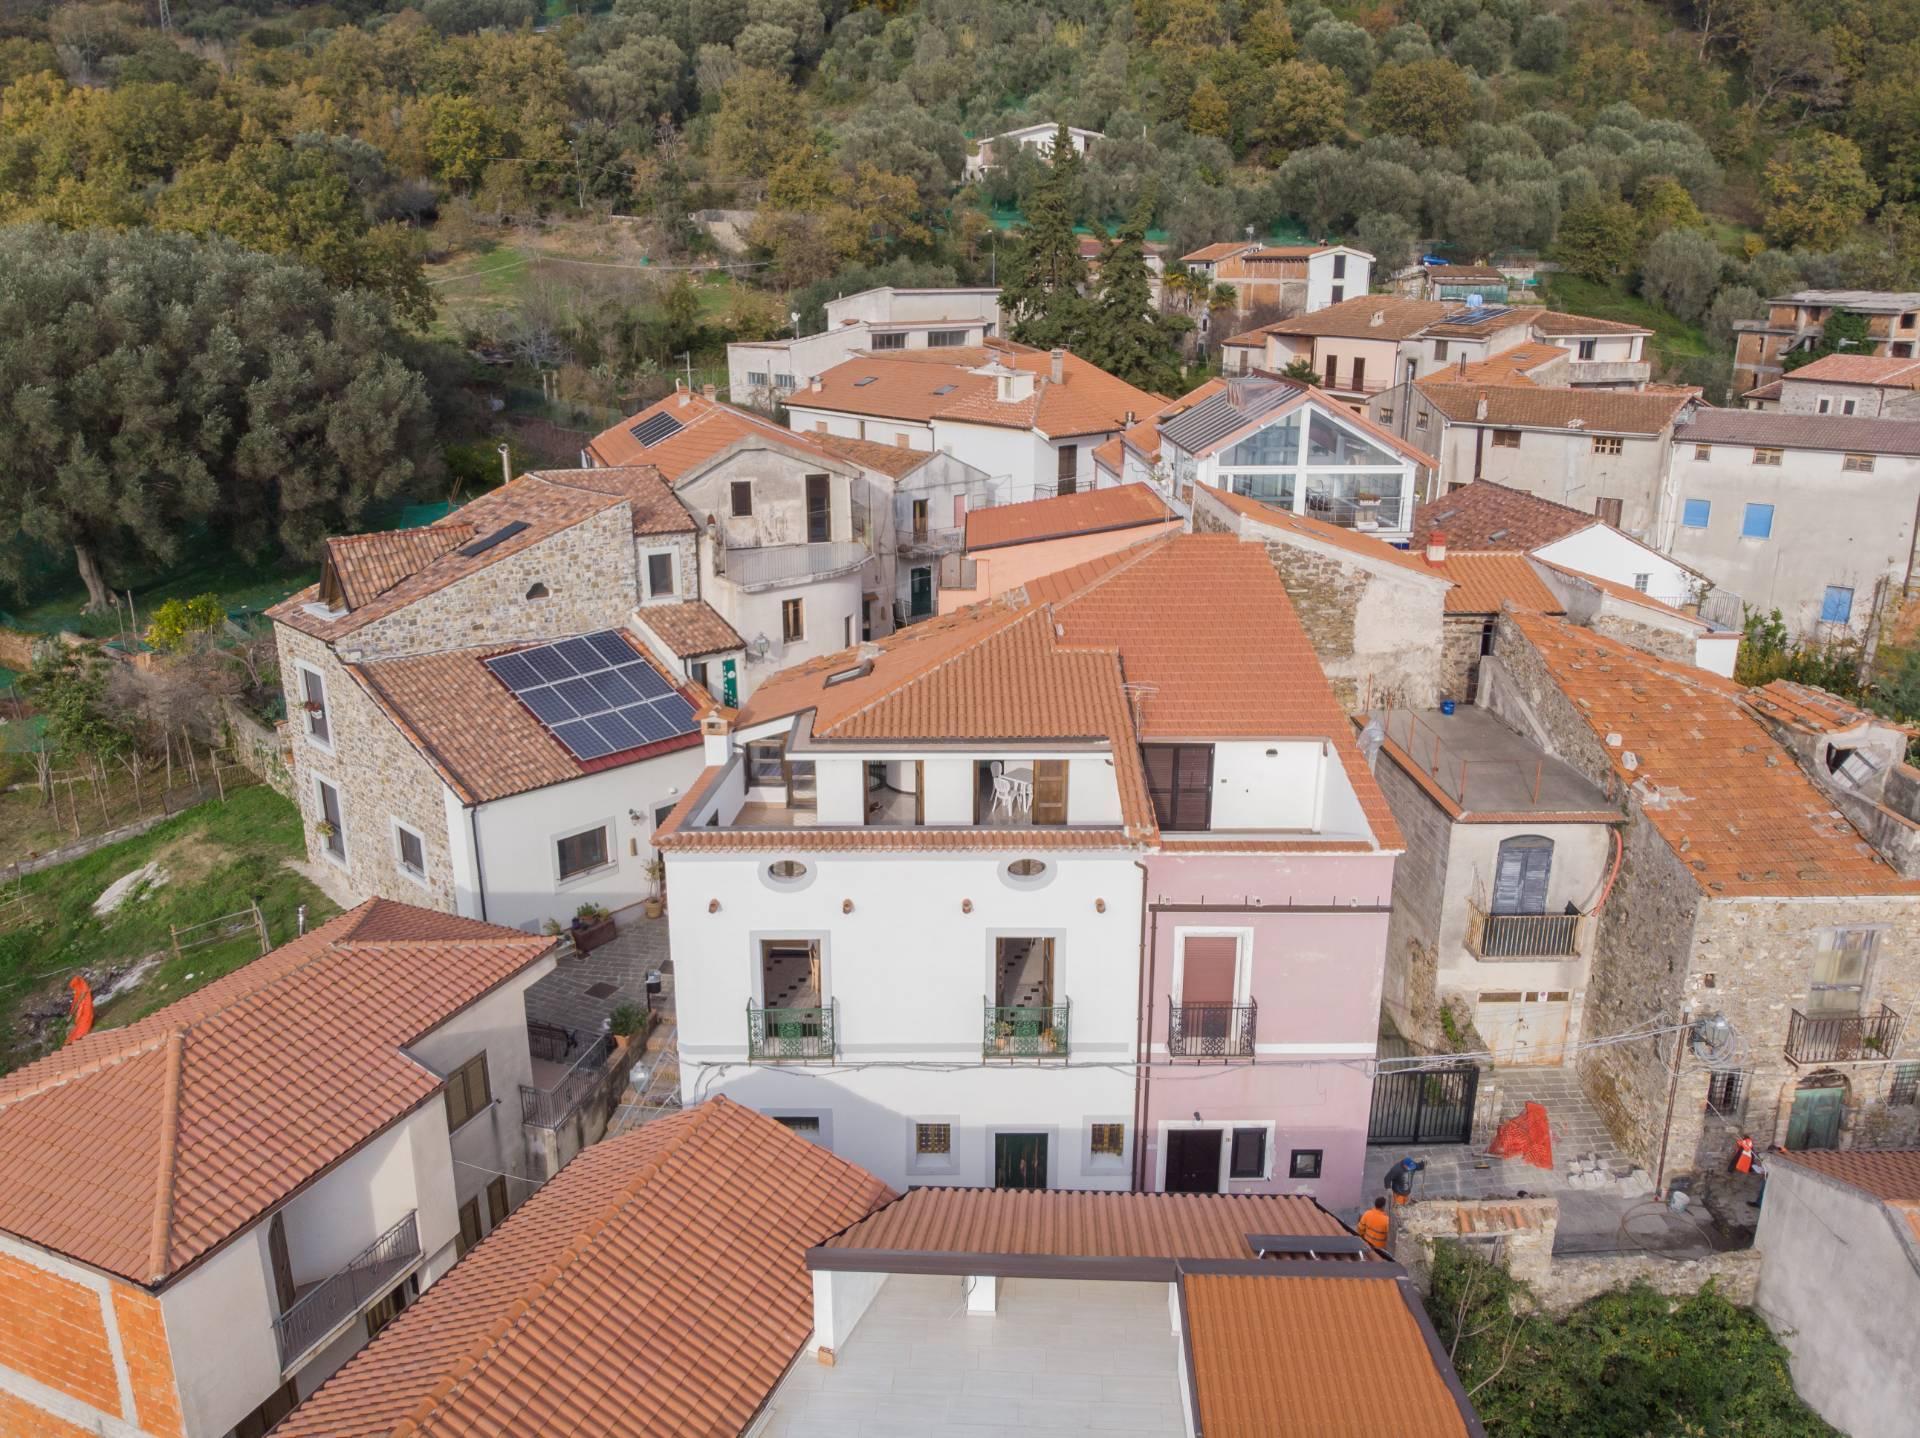 Appartamento in vendita a Ispani, 3 locali, prezzo € 95.000 | CambioCasa.it